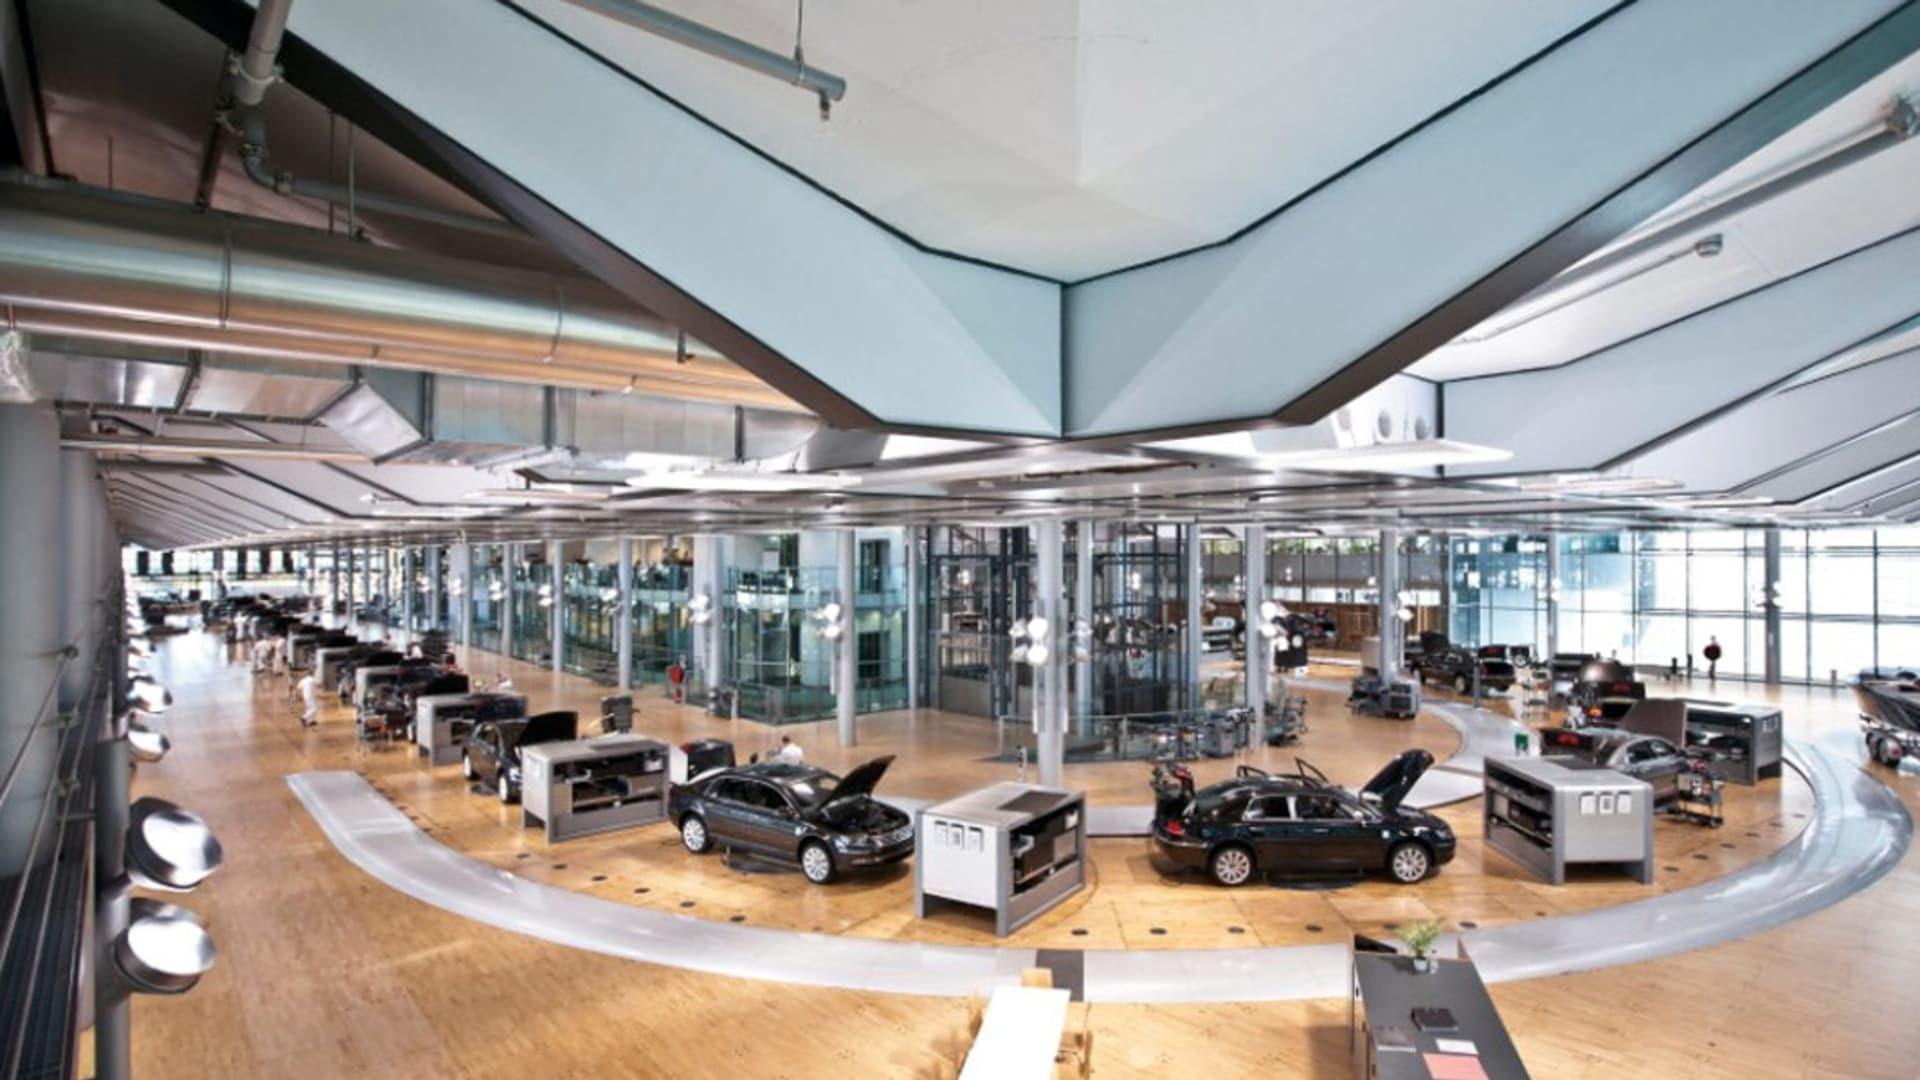 بالصورهكذا تدلل السيارات في مصنع فولكس فاغن في ألمانيا Cnn Arabic